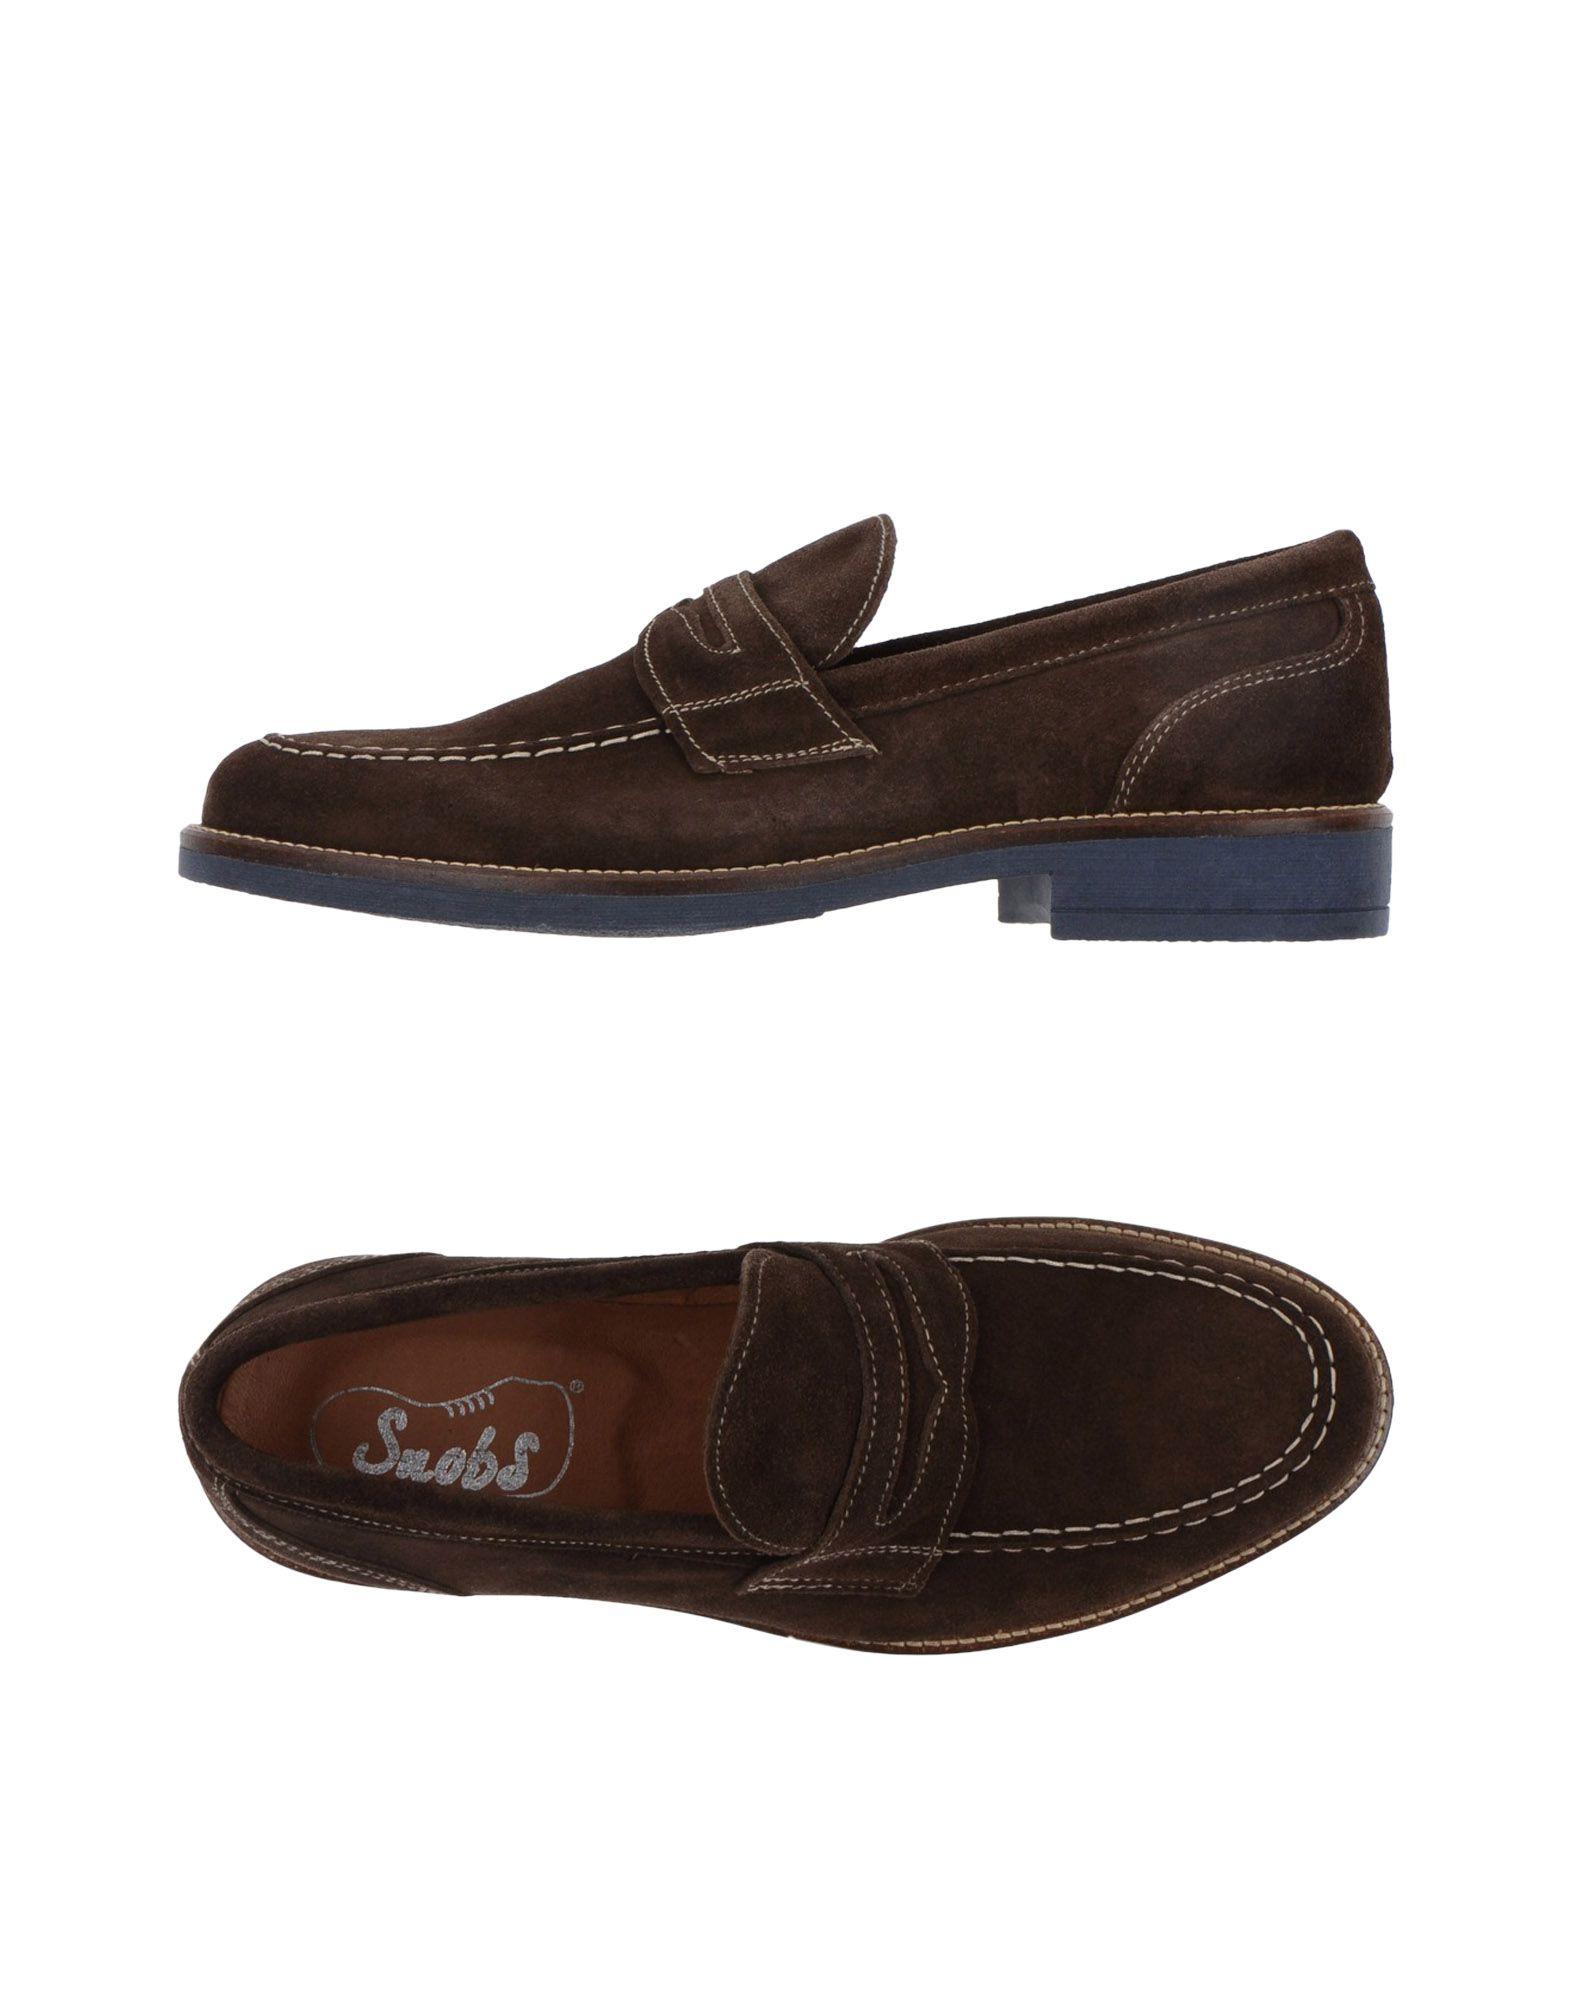 Snobs® Mokassins Herren  11359953SX Heiße Schuhe